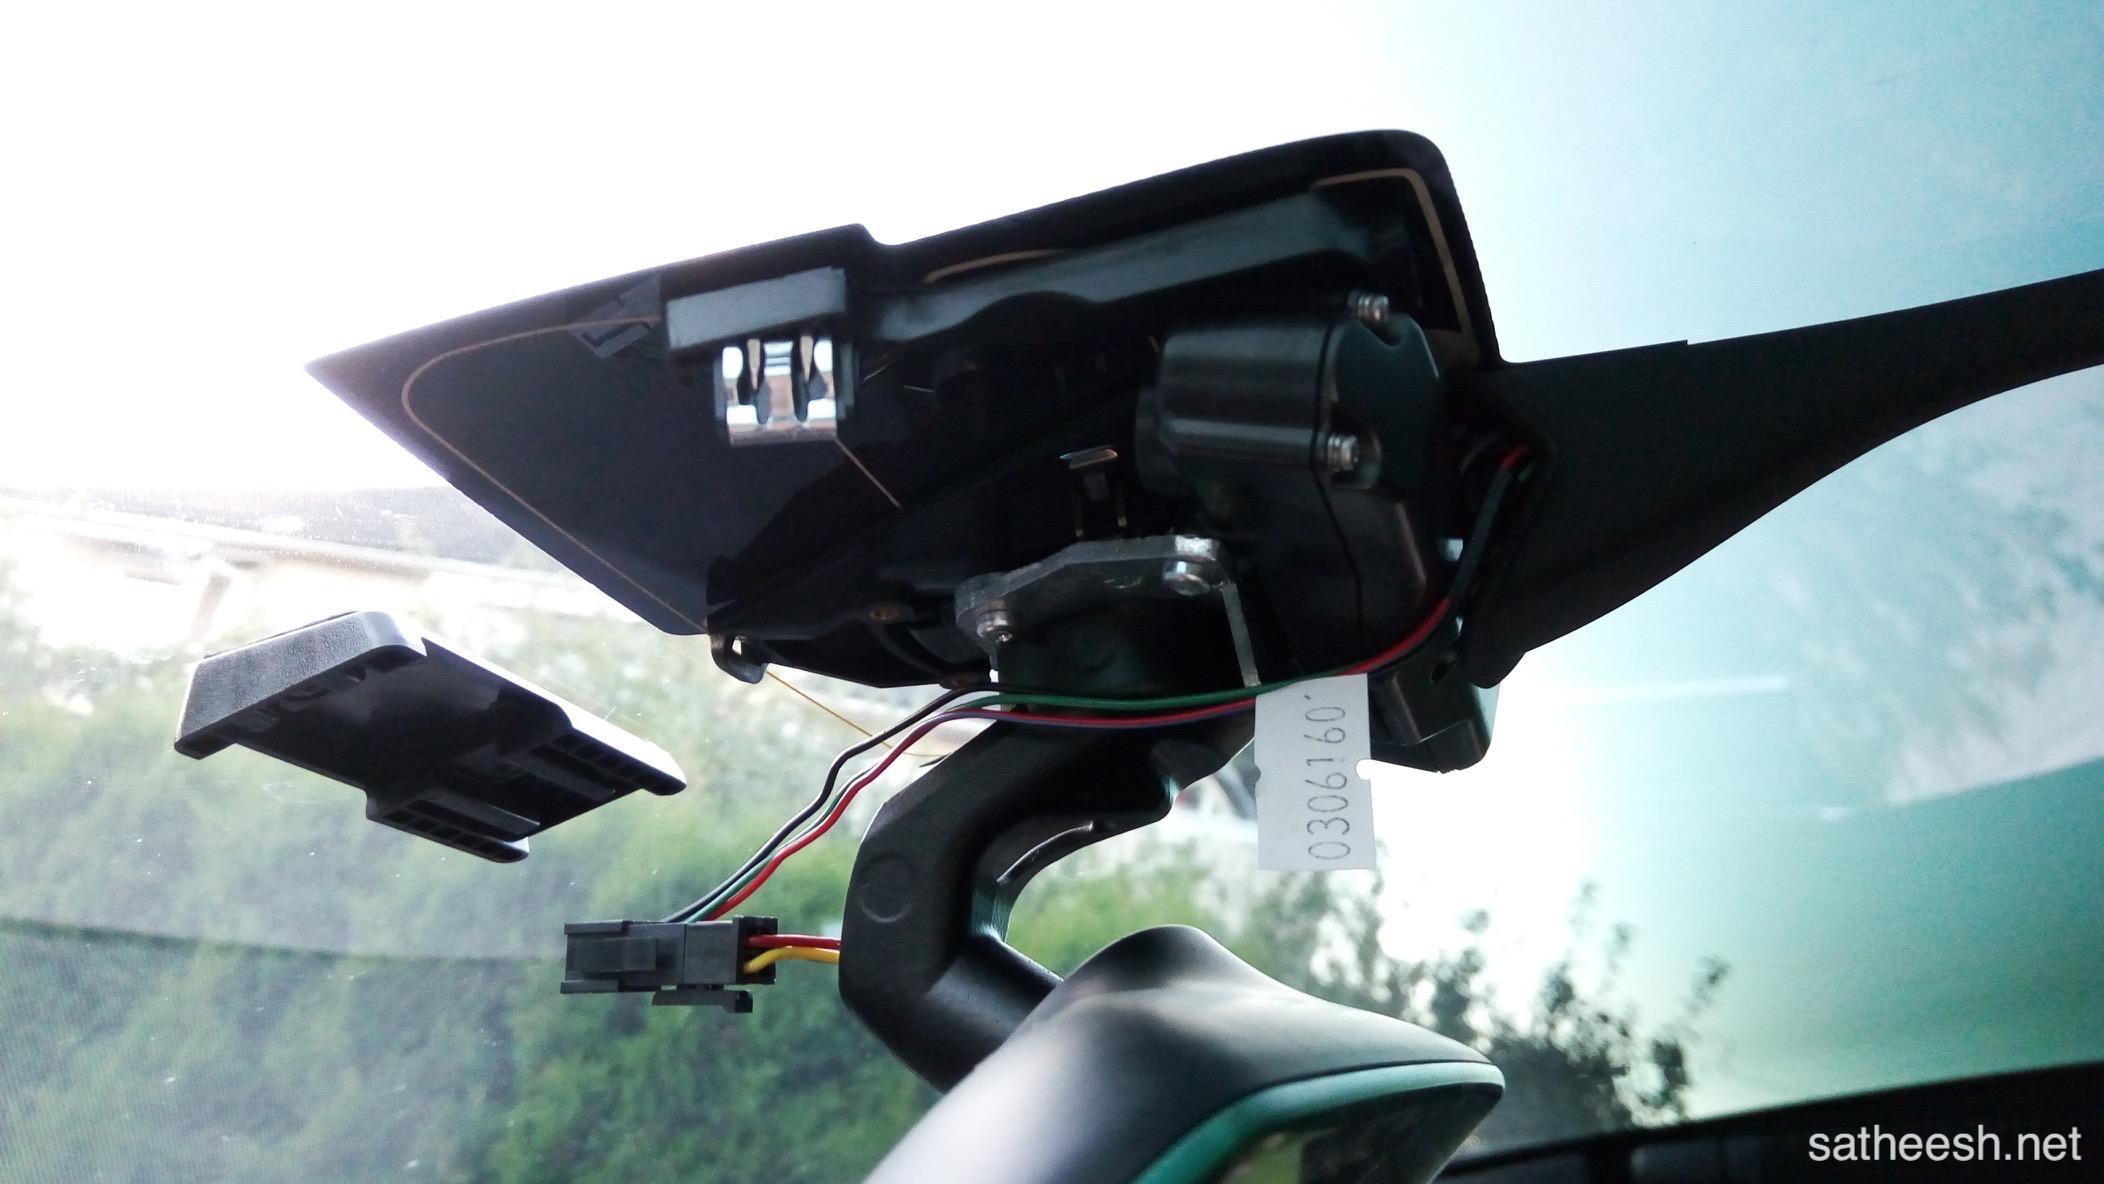 Tesla Model X Fuse Box Interior Wire Diagrams Dashcam Installation Satheesh Net Diagram Some Close Ups